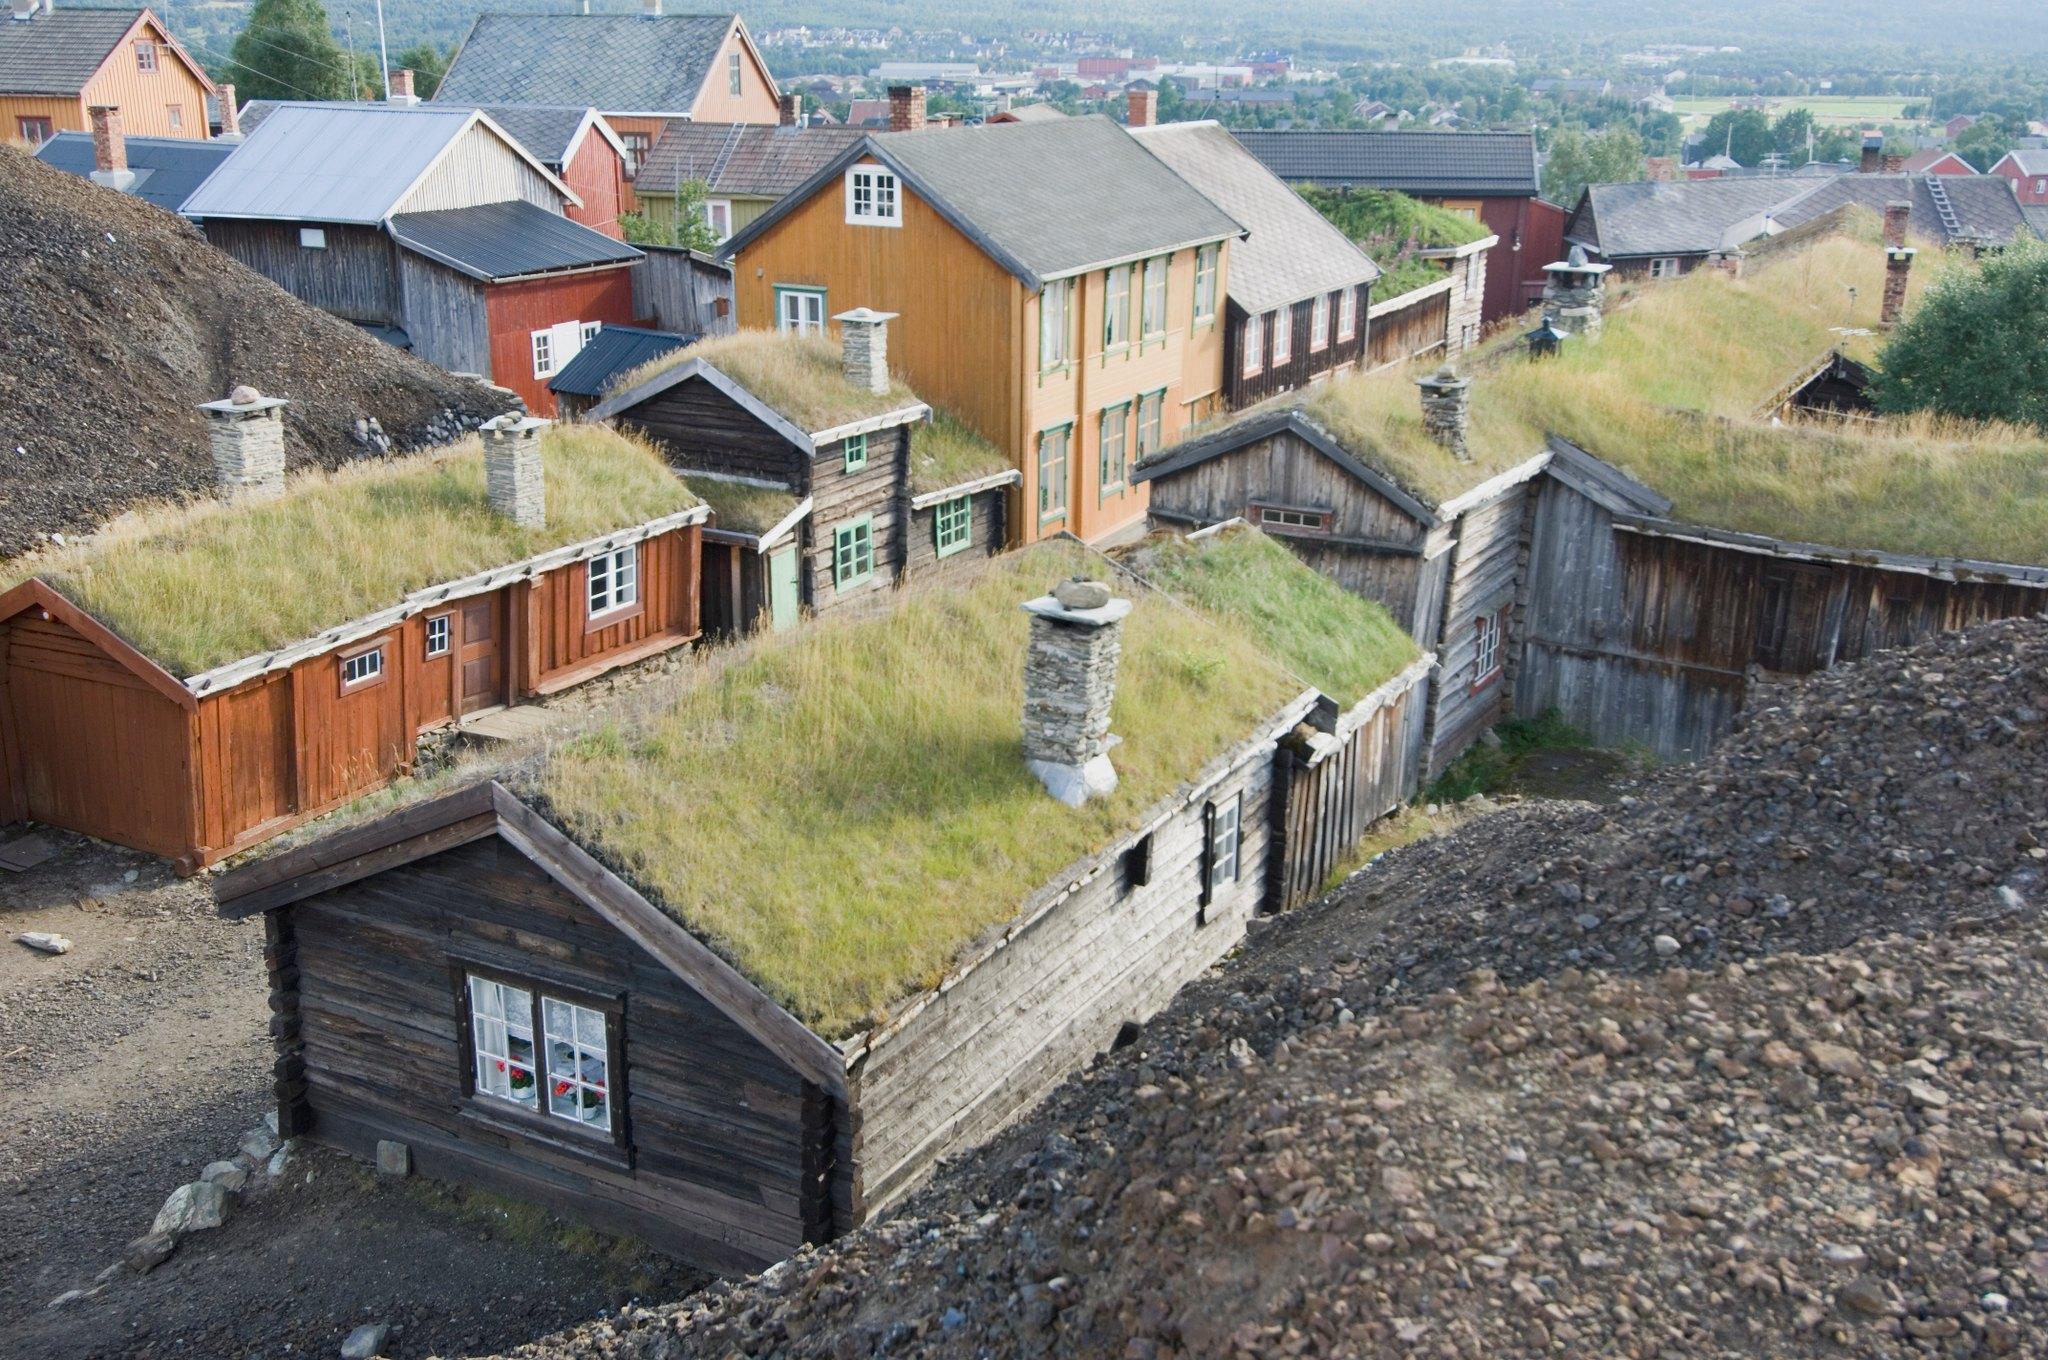 Bilde av de små verdehusene i Sleggveien fra oversiden